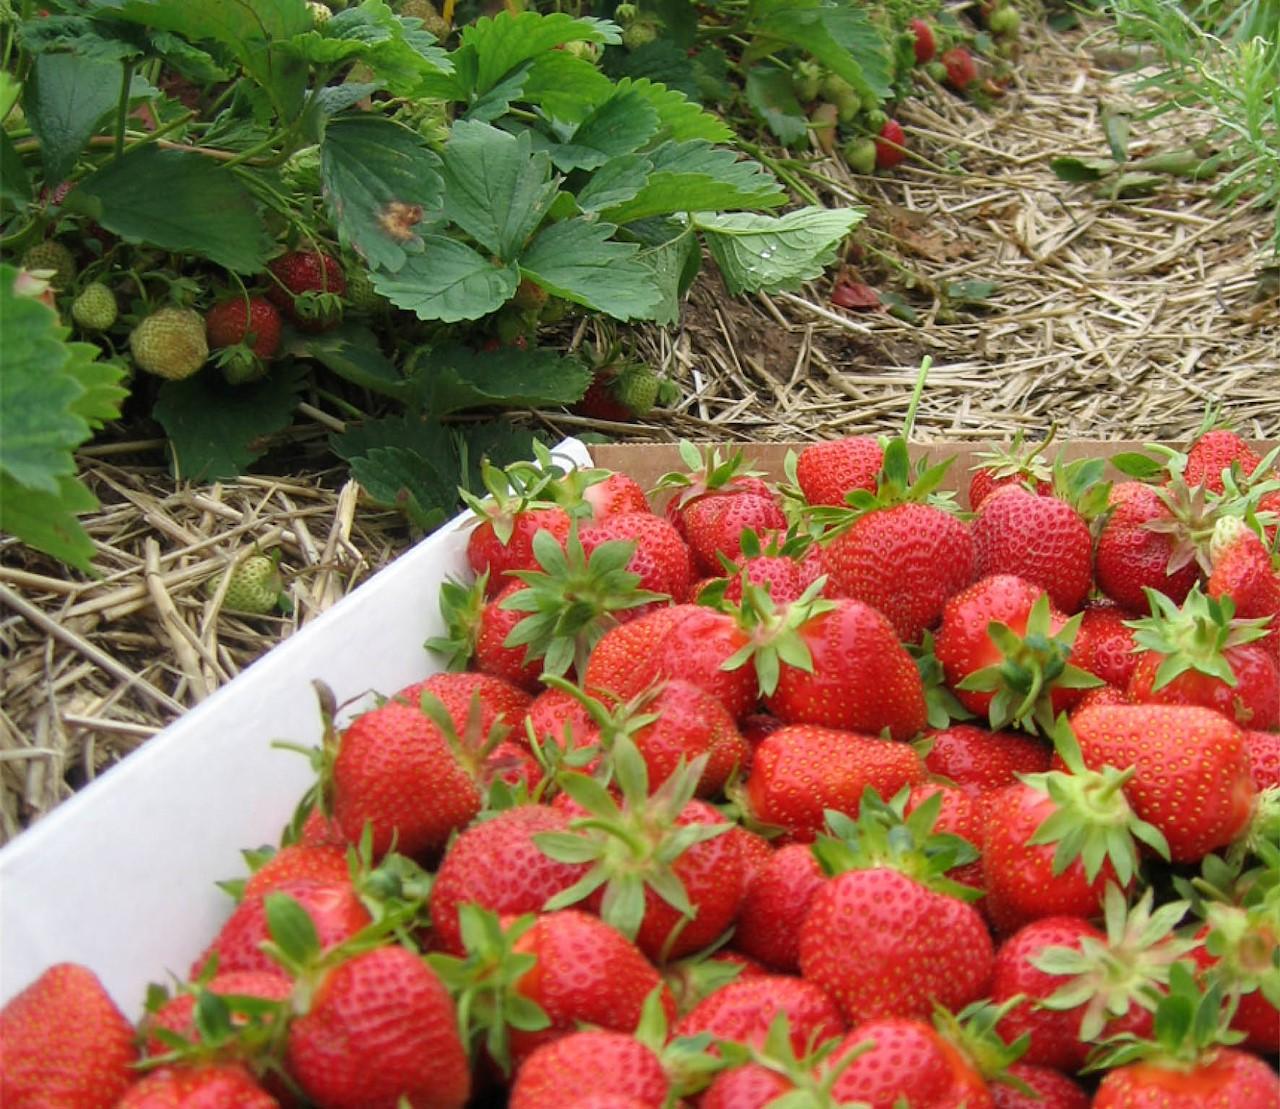 aardbeien: gezond snoepgoed uit de tuin